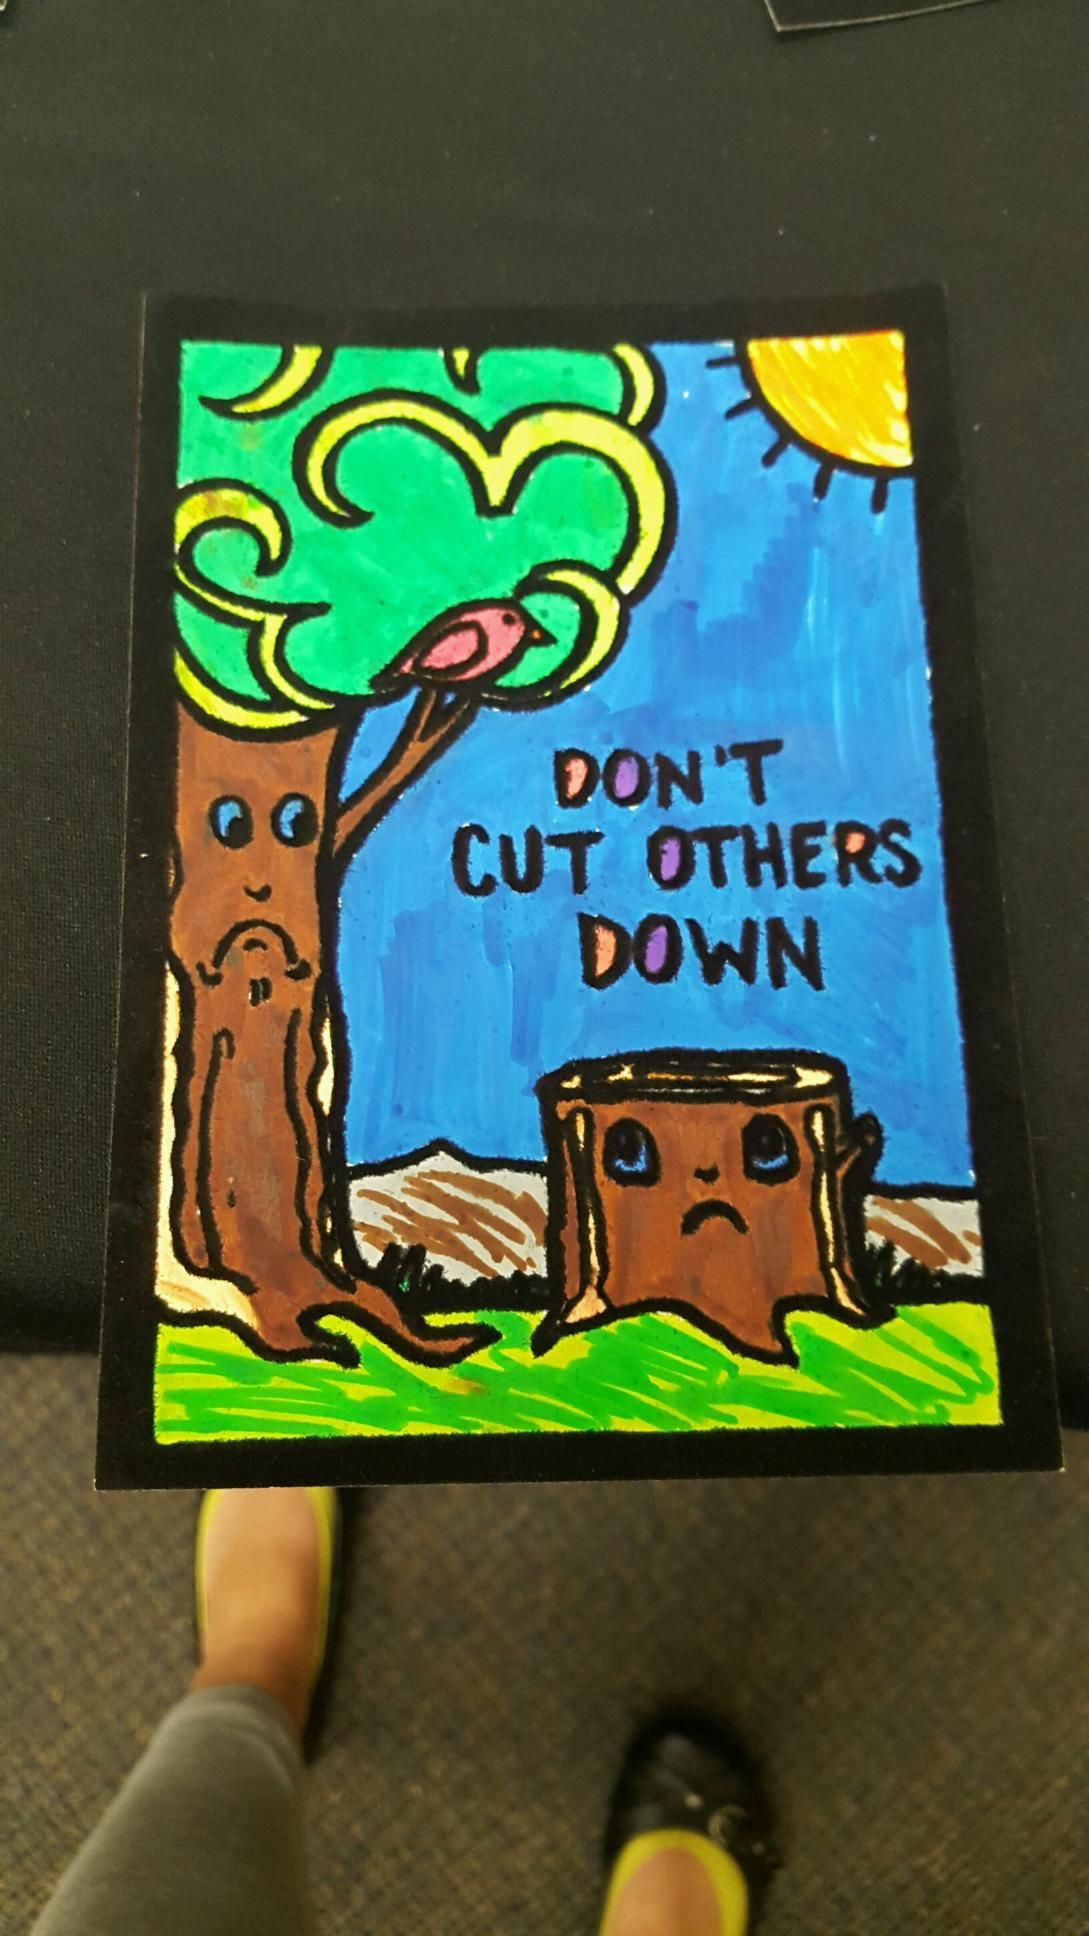 Bully Prevention Coloring Velvet Art Activity from S&S Worldwide ...